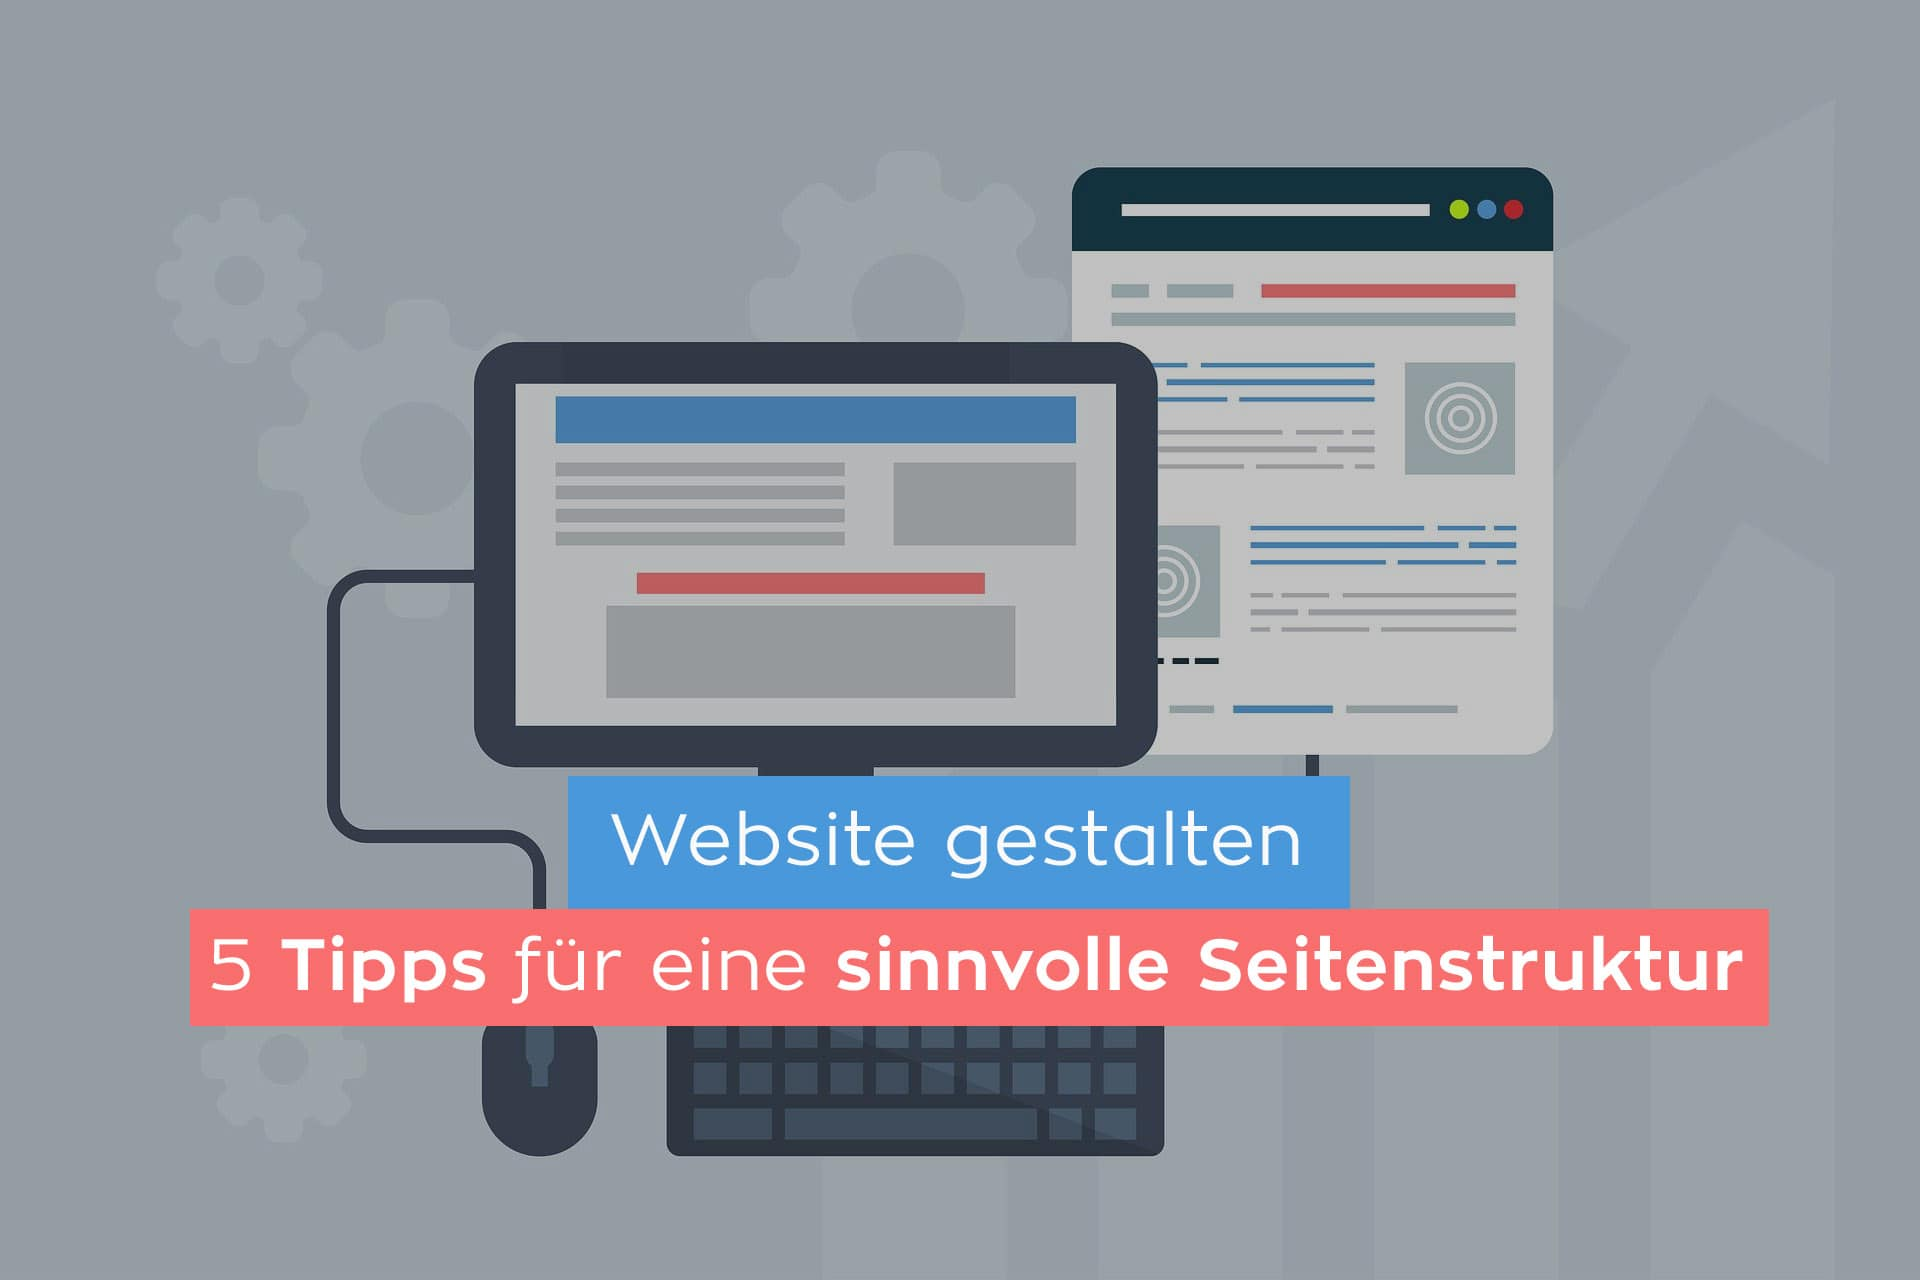 Website gestalten: 5 wertvolle Tipps für eine sinnvolle Seitenstruktur